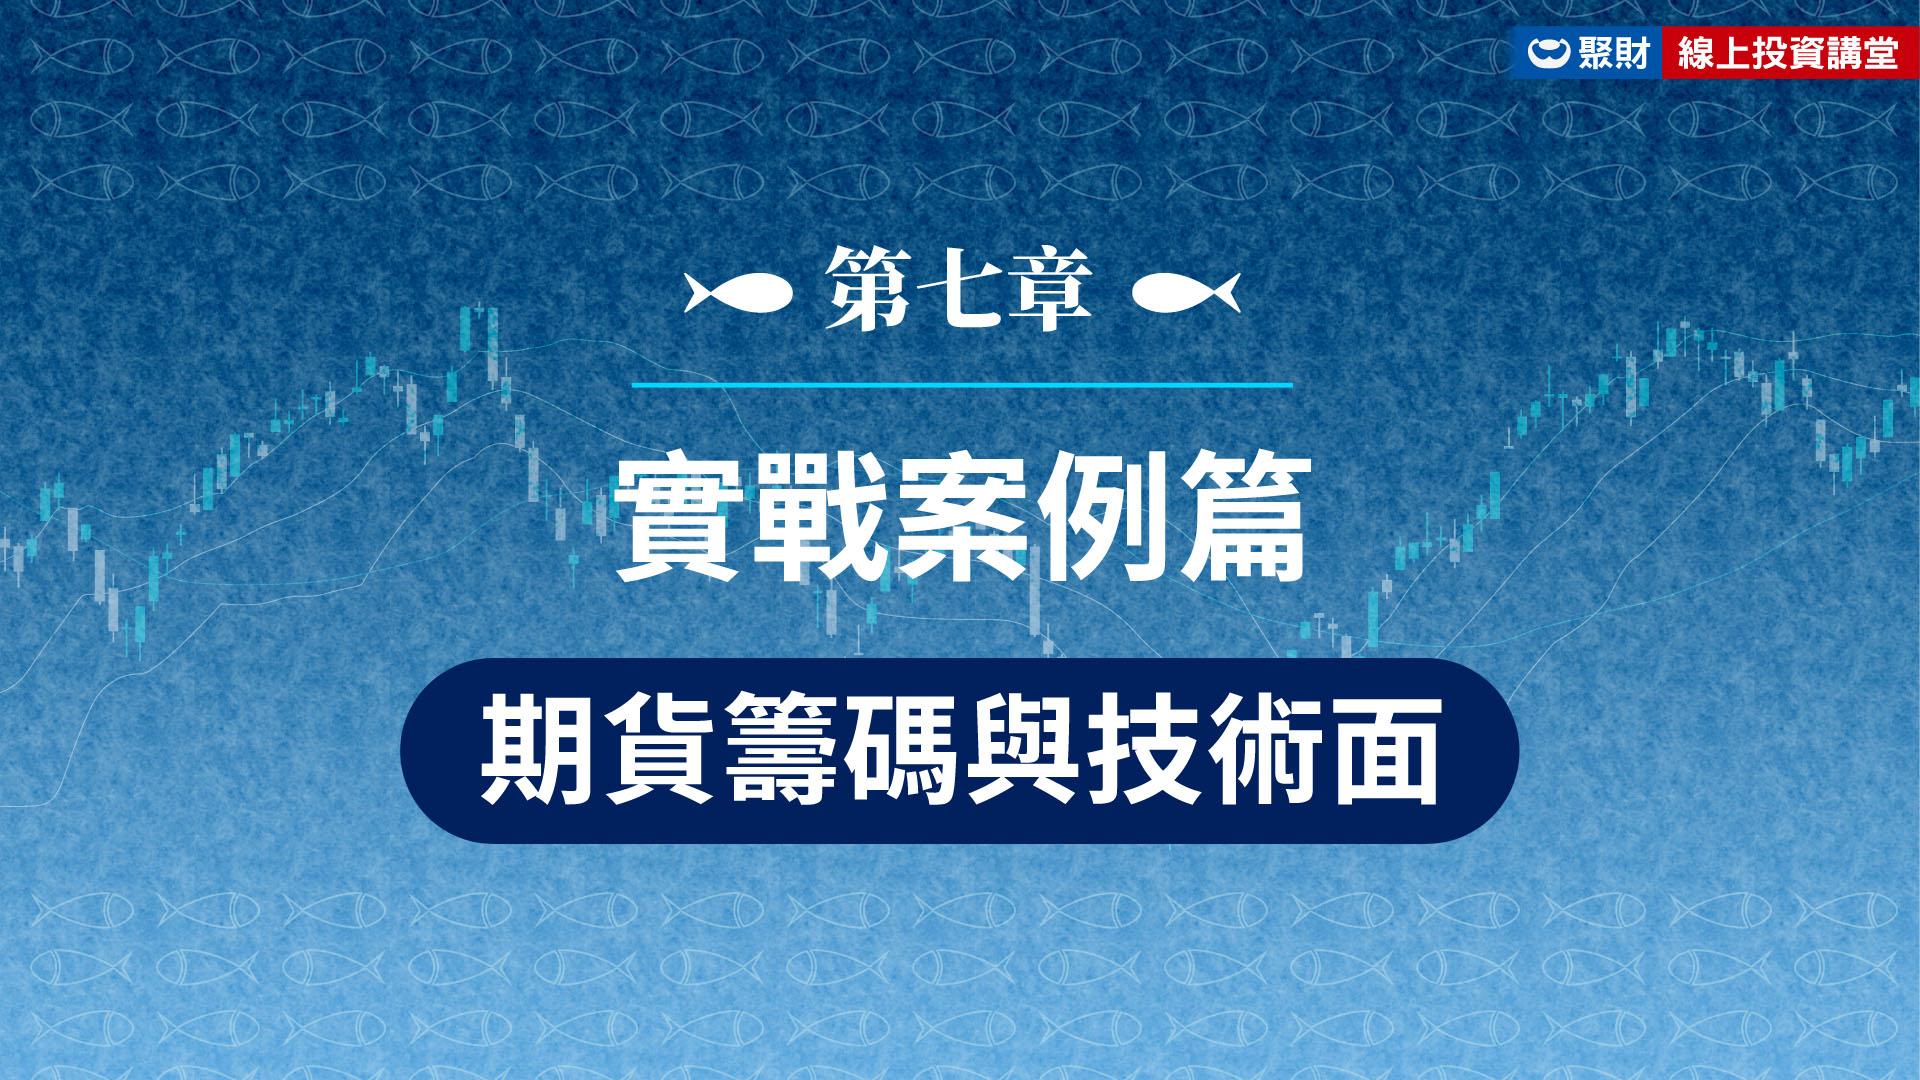 海龍王-第七章:實戰案例篇-期貨籌碼與技術面